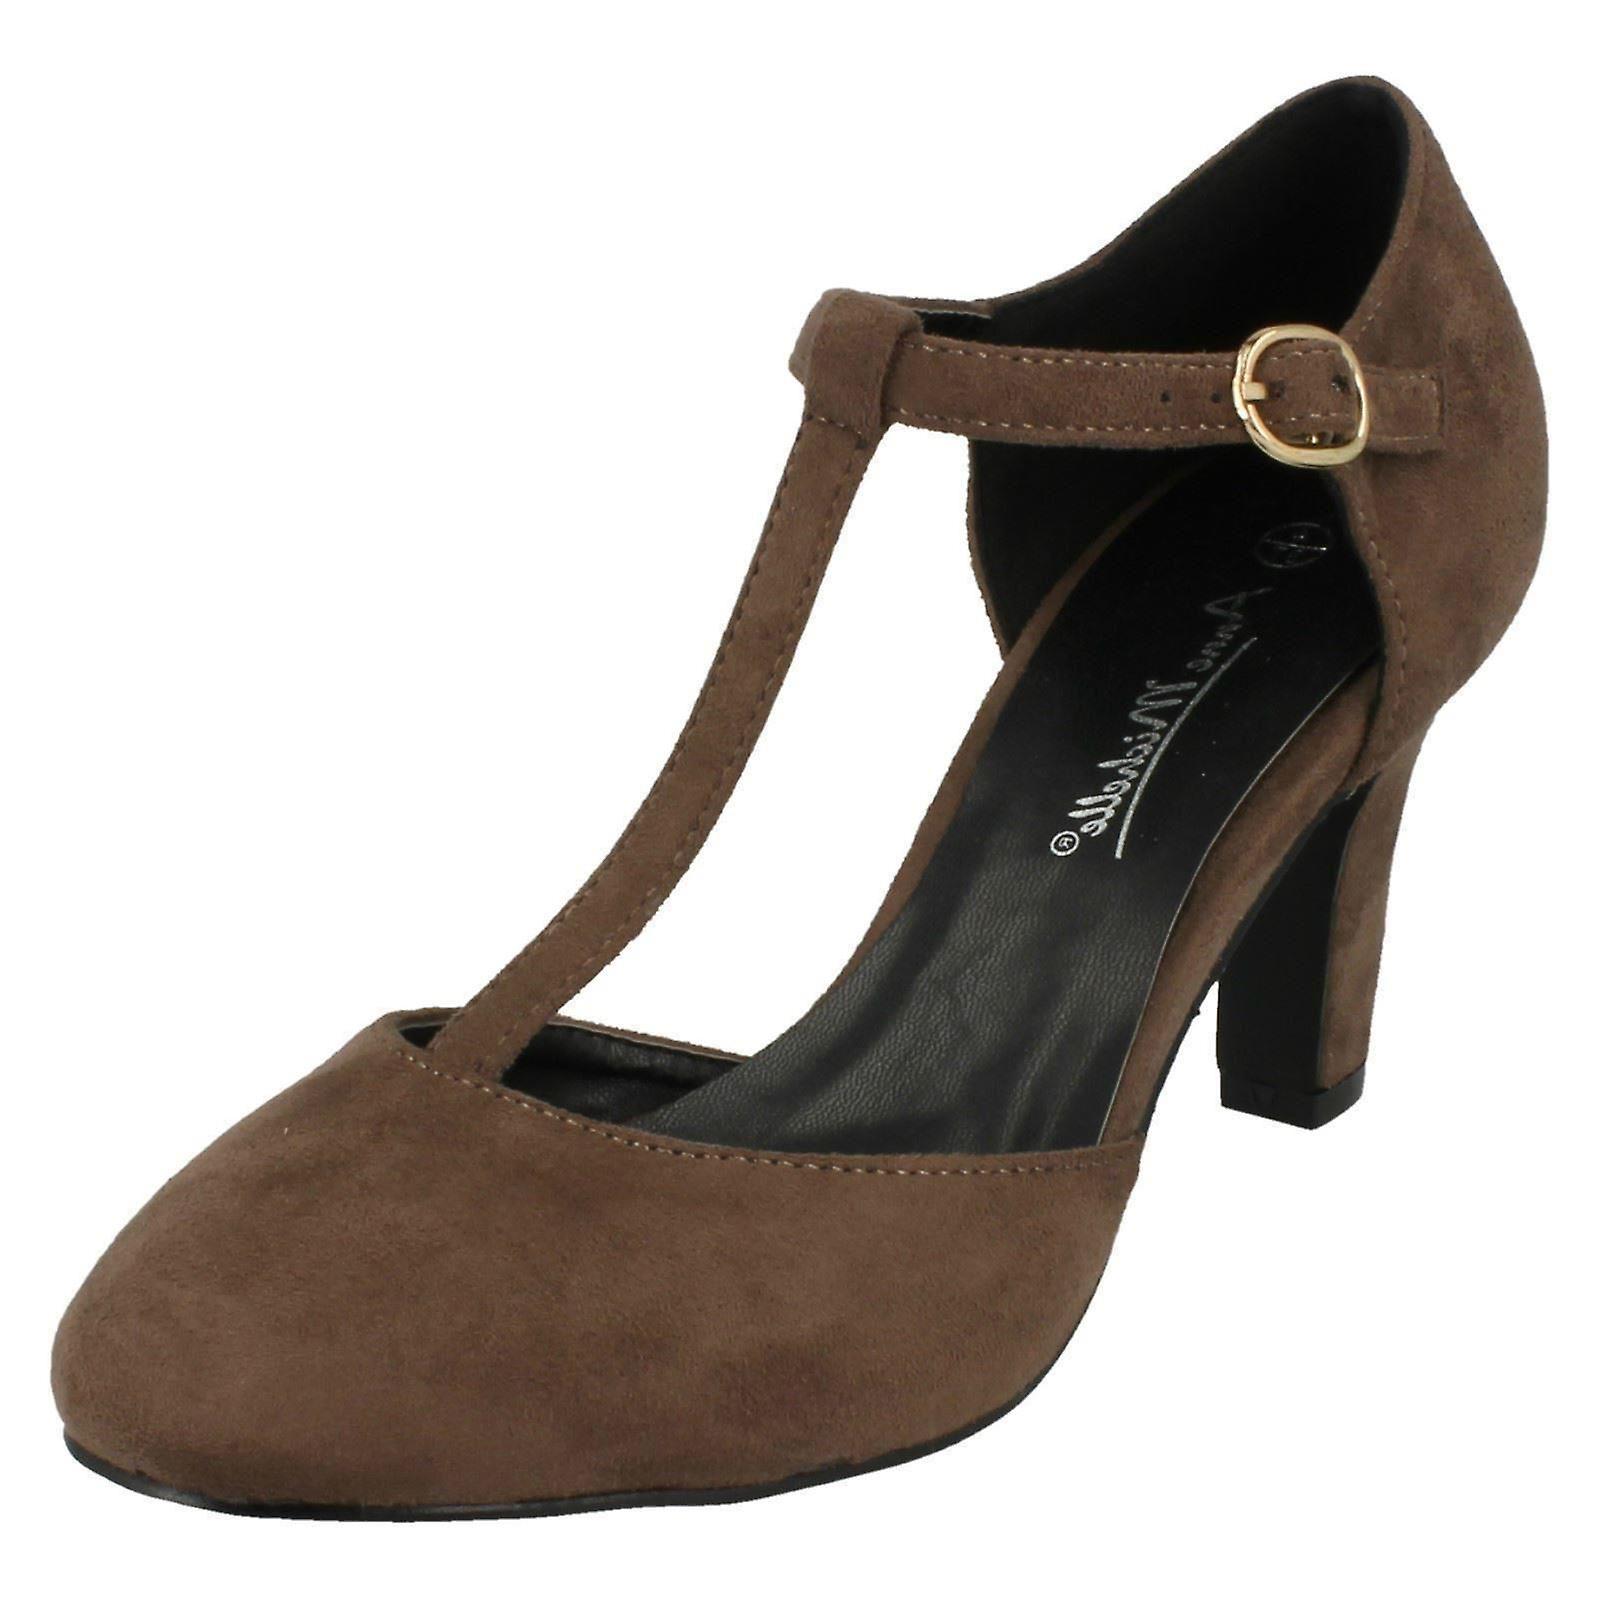 Le signore Anne Michelle T-Bar scarpe intelligente F9951